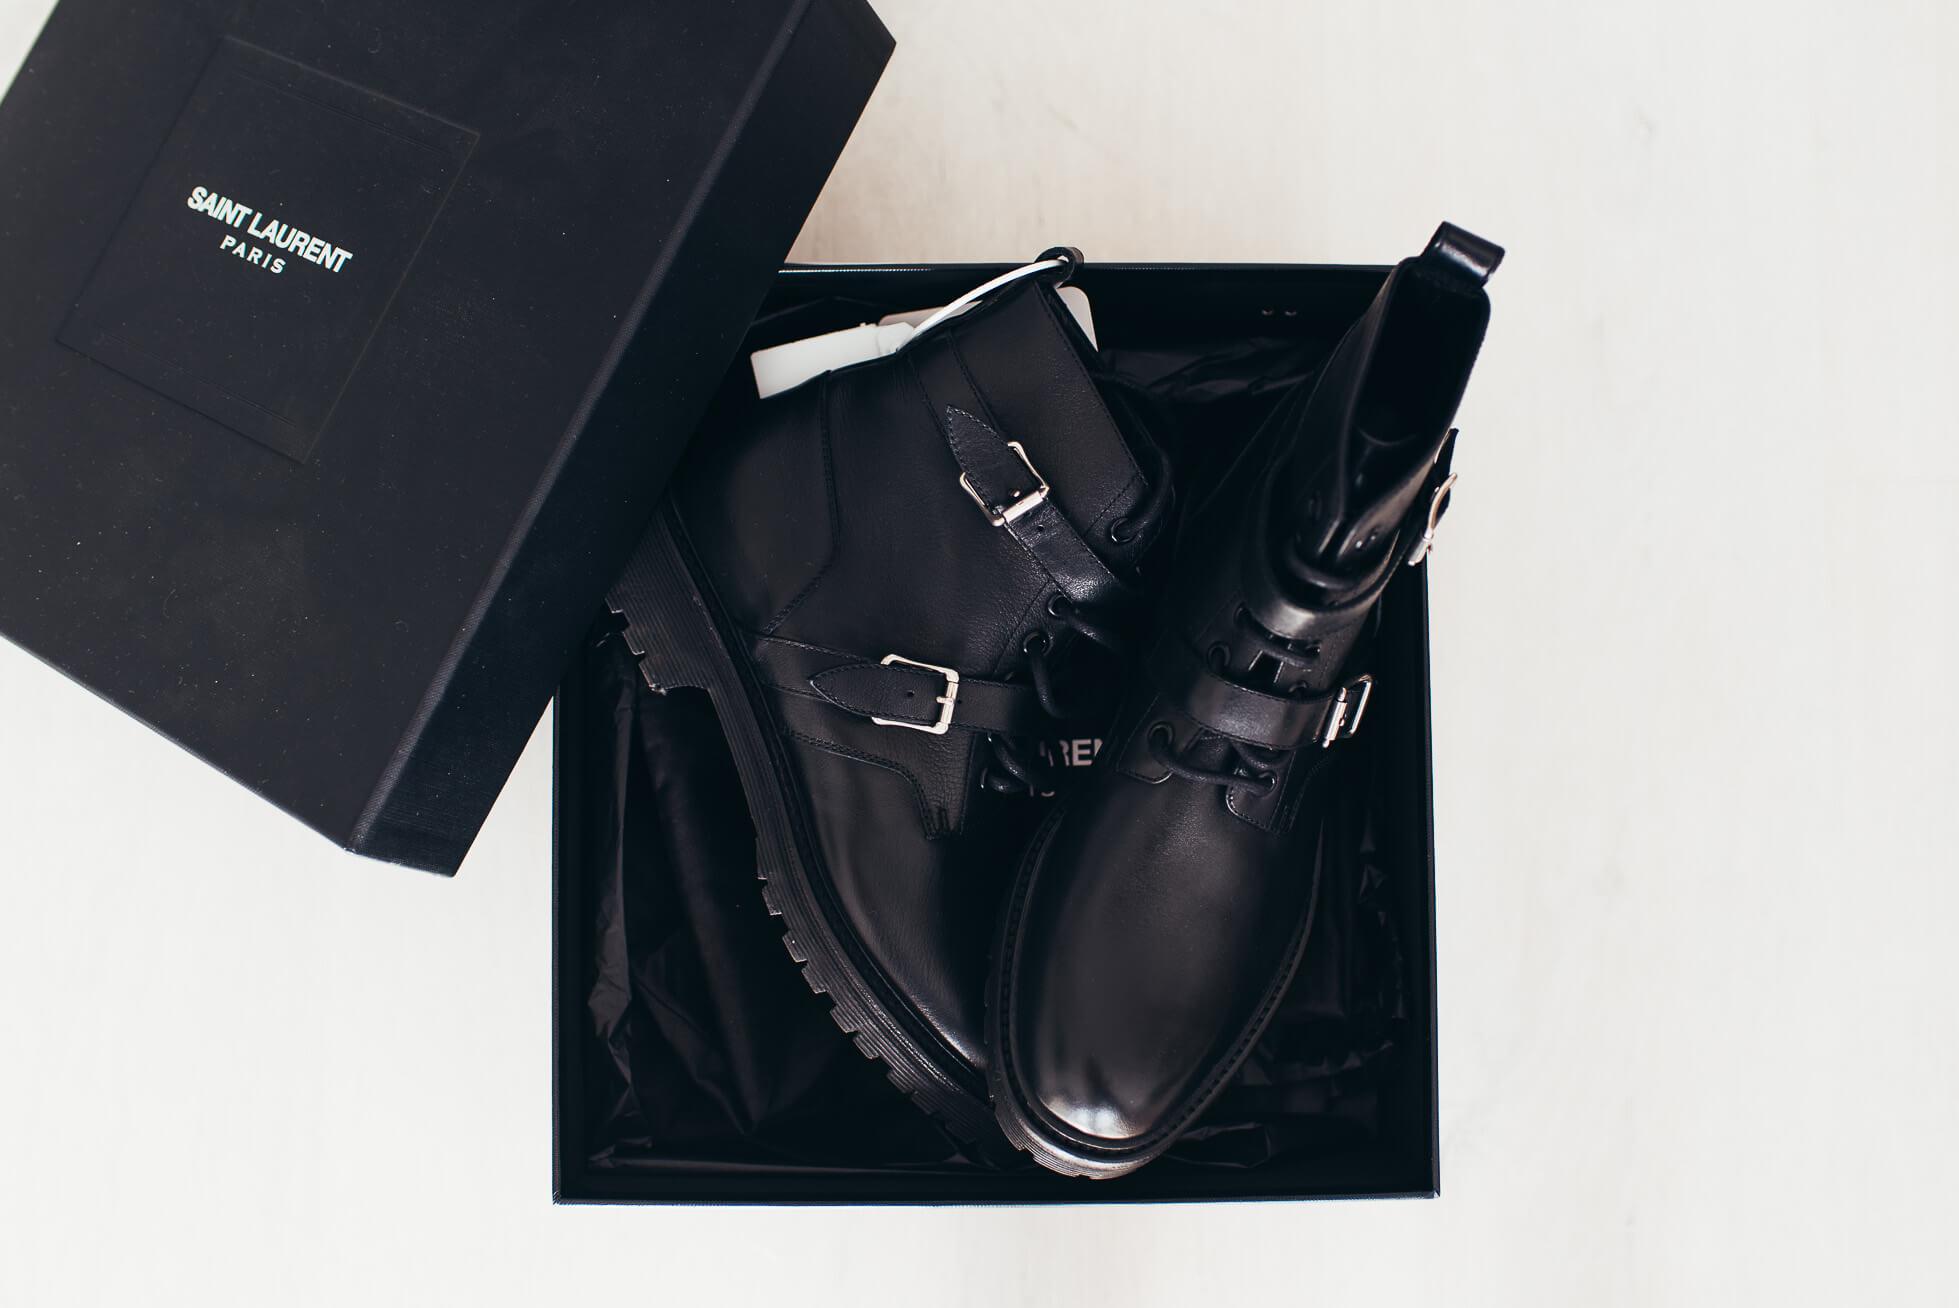 janni-deler-perfect-boots-saint-laurentdsc_2021